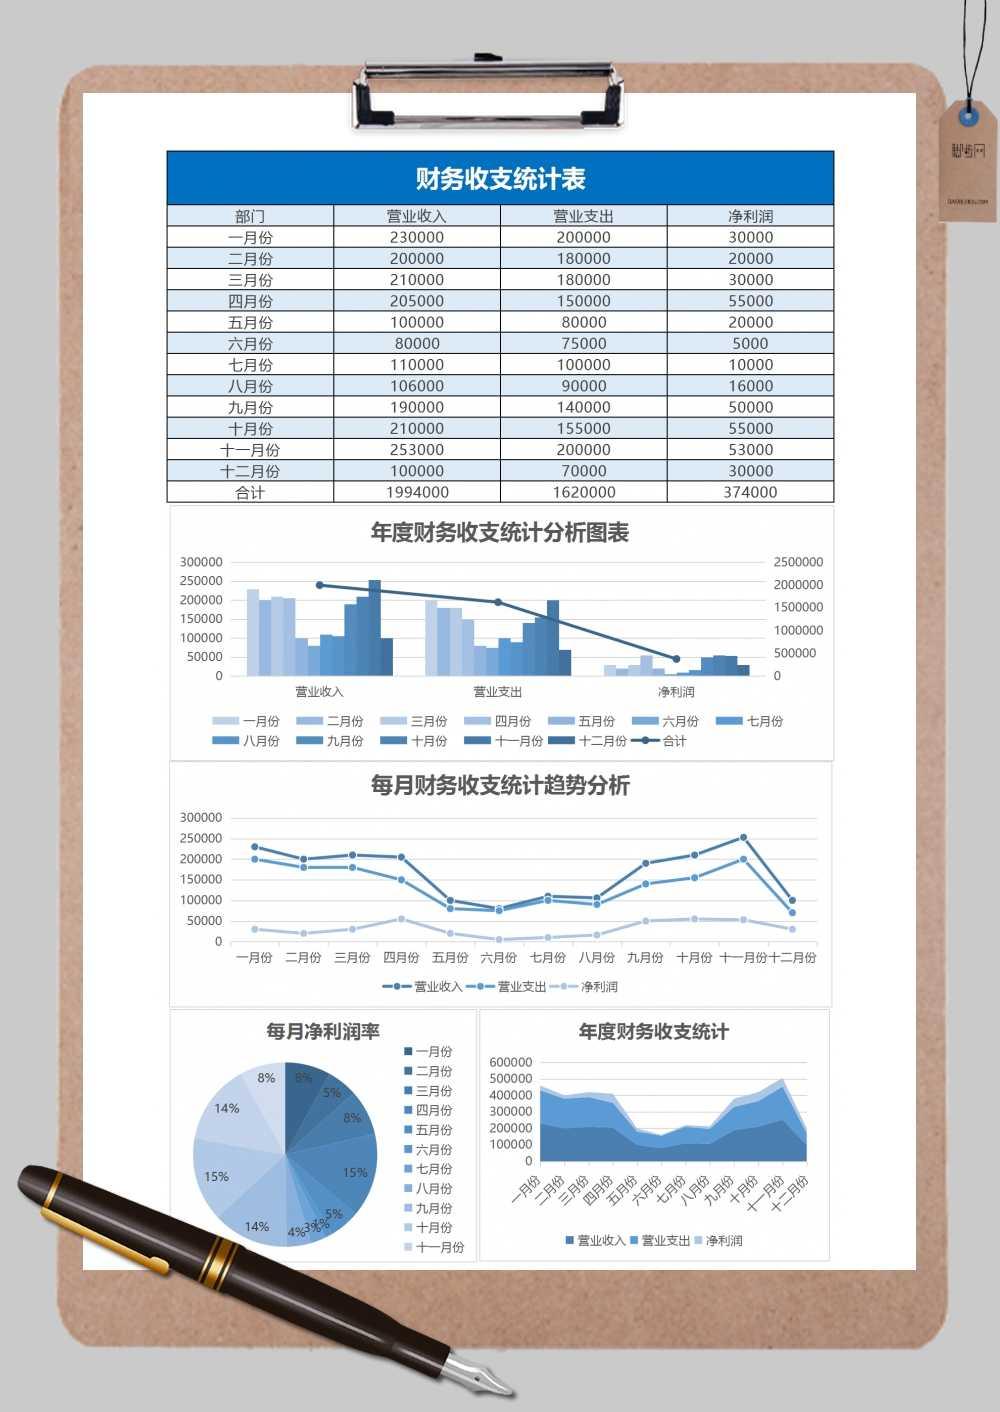 年度财务营收统计财务报表表格范文样式Excel模板